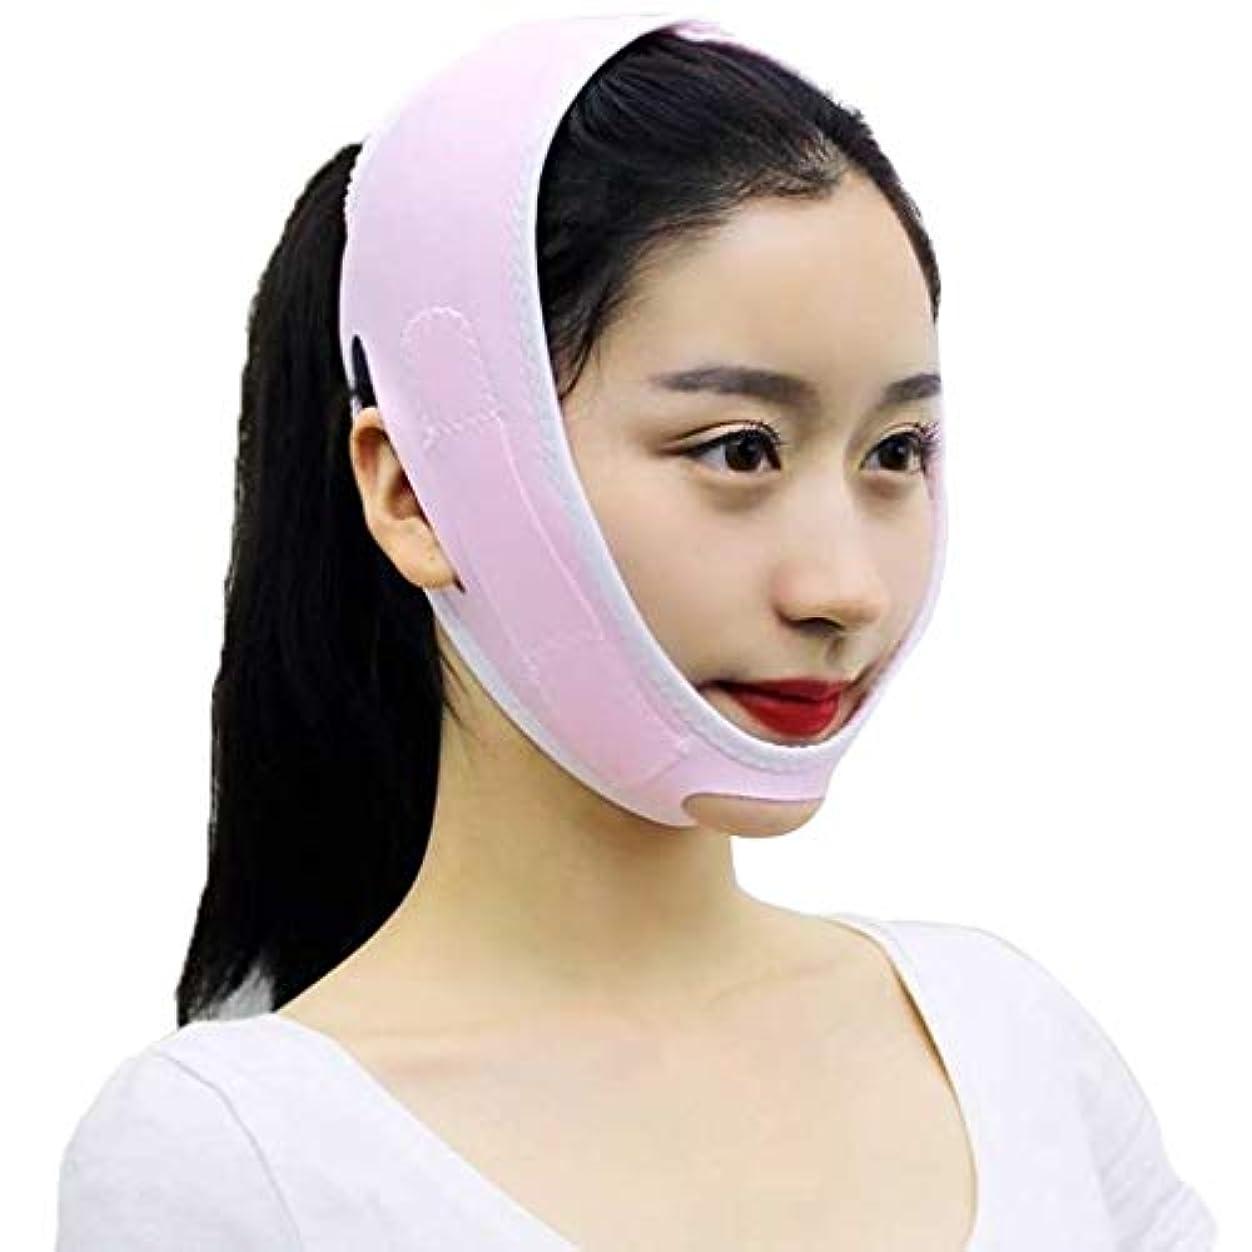 感覚学生水っぽいCHSY アンチリンクル薄い二重あごVフェイスアーティファクト睡眠美容ビームフェイスベルトを持ち上げる薄い顔ベルト、薄い顔包帯 薄い顔の包帯 (Color : Pink)